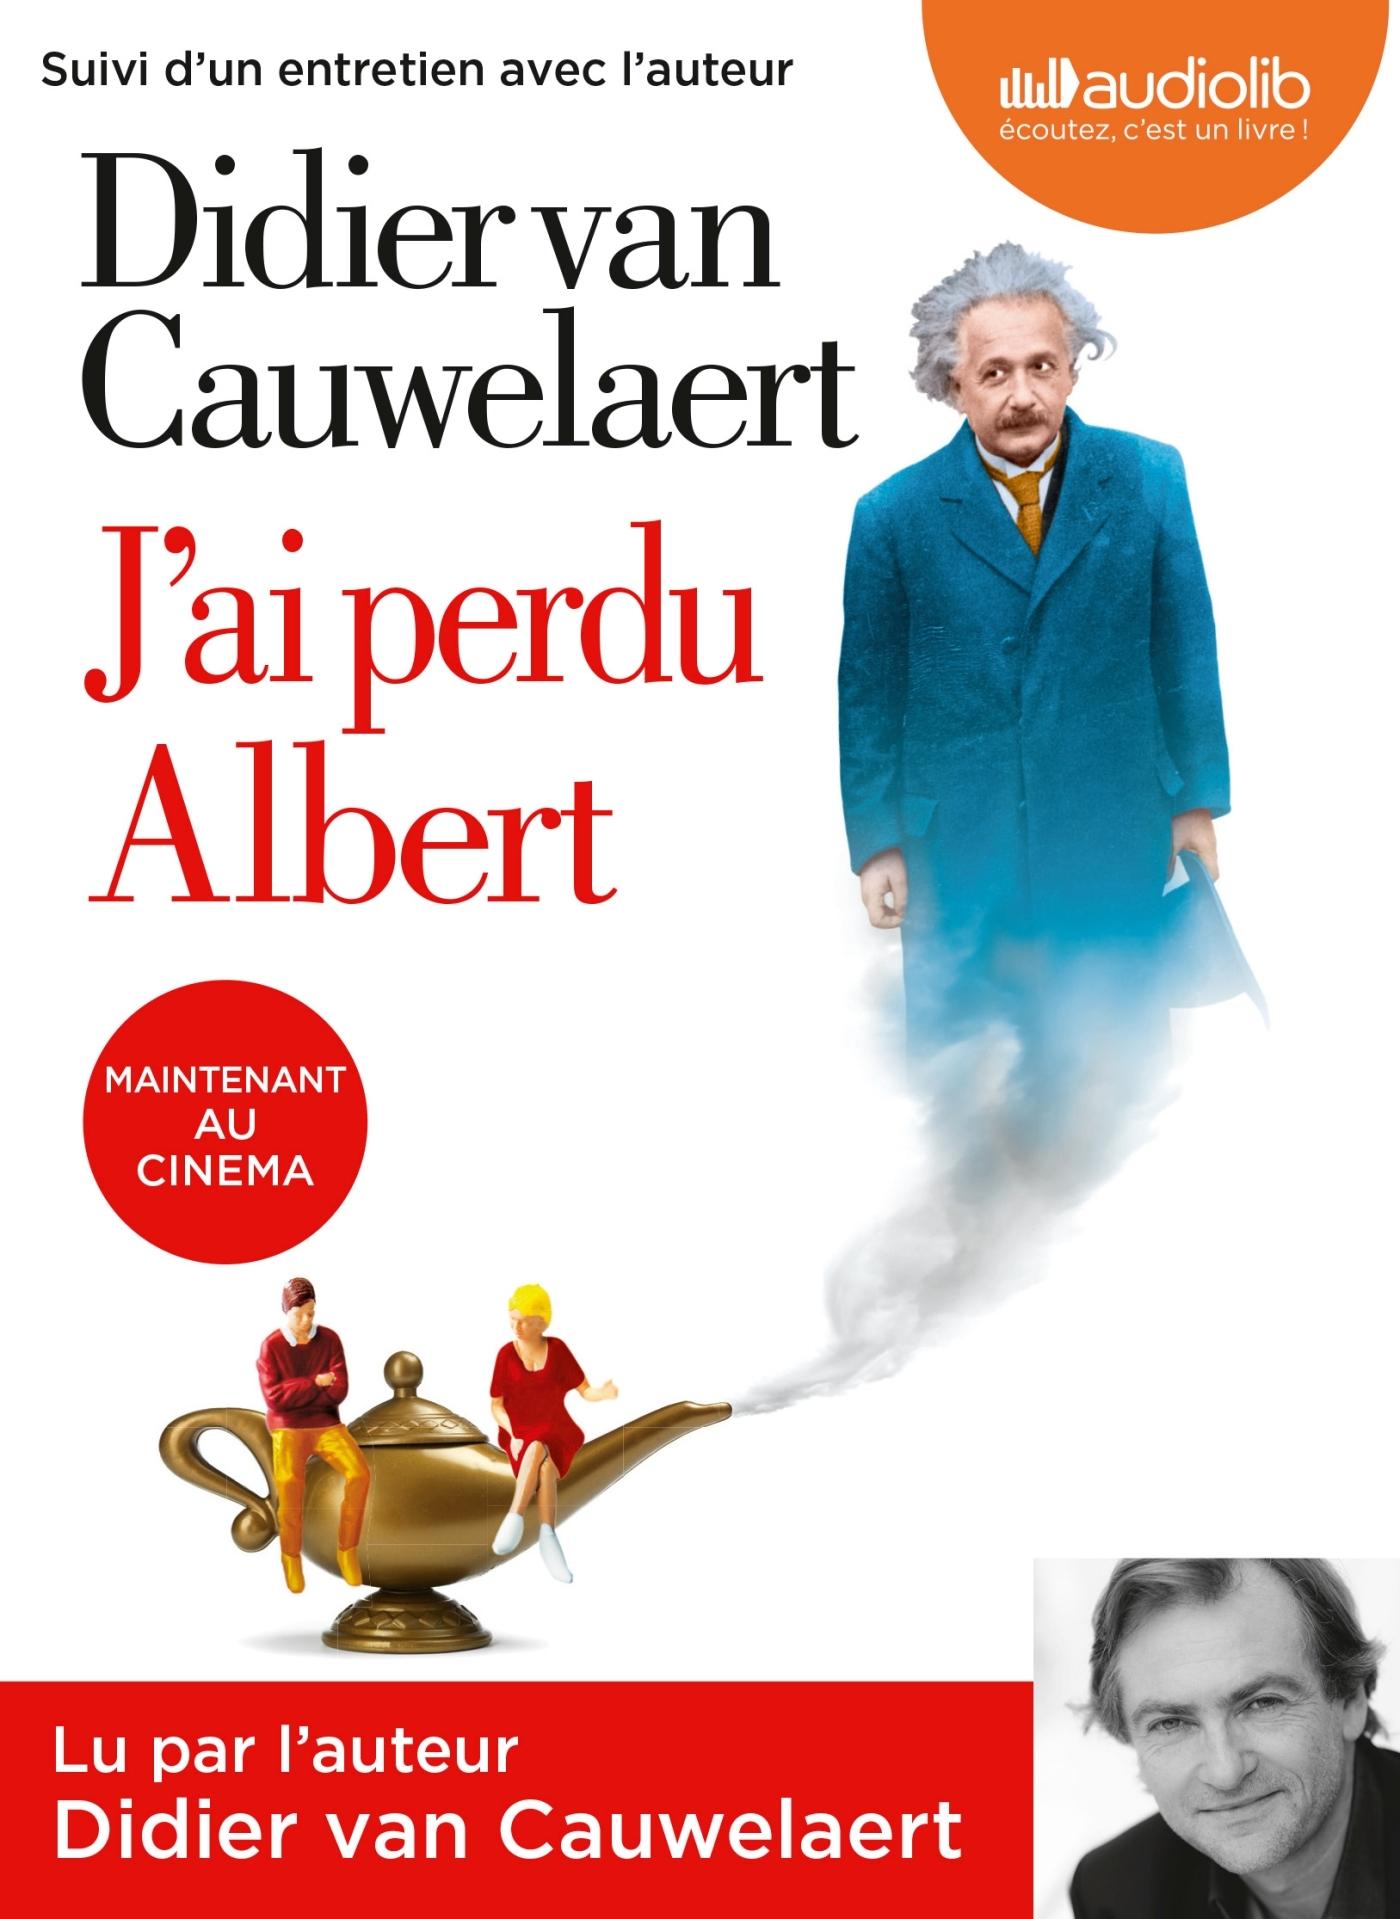 J'AI PERDU ALBERT - LIVRE AUDIO 1CD MP3 - SUIVI D'UN ENTRETIEN AVEC L'AUTEUR